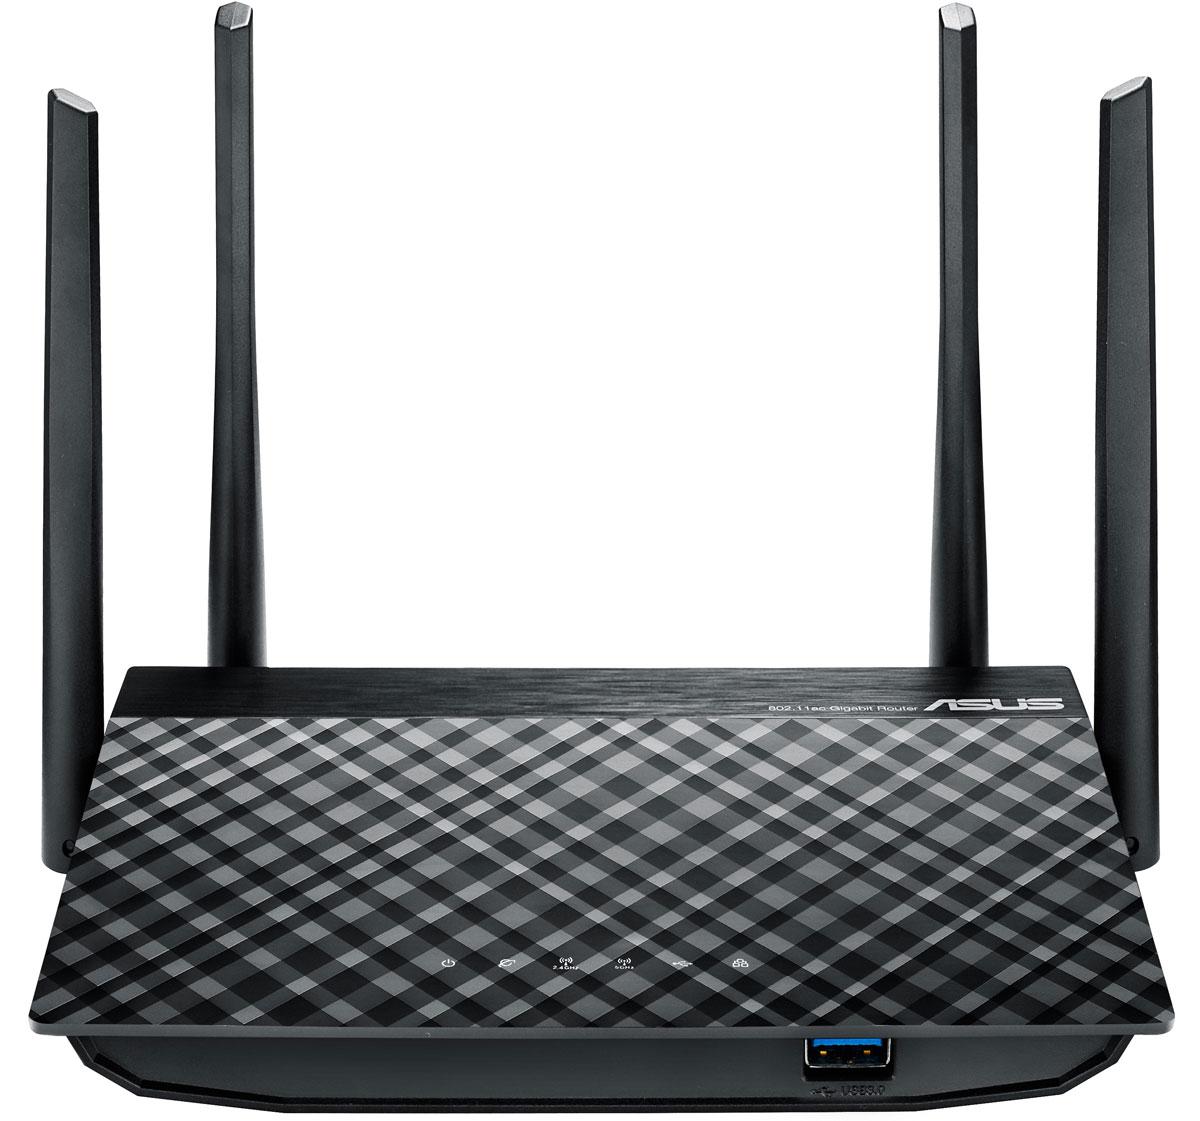 ASUS RT-AC58U маршрутизаторRT-AC58UASUS RT-AC58U – это современный двухдиапазонный беспроводной маршрутизатор. Поддержка стандарта 802.11ac означает увеличенную скорость передачи данных по сети Wi-Fi, а благодаря разъему USB 3.0 к маршрутизатору можно подключить 3G/4G-модемы, принтеры и внешние накопители, чтобы расширить функциональность устройства.Большой объем встроенной памяти (128 МБ) и технология MU-MIMO позволяют подключать к маршрутизатору по беспроводной сети Wi-Fi сразу несколько клиентских устройств одновременно на максимальной поддерживаемой ими скорости.Благодаря новейшему четырехъядерному процессору класса Cortex-A7 маршрутизатор RT-AC58U поддерживает высокую скорость передачи данных между внешним и локальными проводными портами.Широкая зона охватаЧетыре внешние антенны с коэффициентом усиления 5 дБи обеспечат стабильный сигнал с широкой зоной охвата в пределах всего дома.RT-AC58U оснащается портом USB 3.0, пропускная способность которого в 10 раз превышает возможности интерфейса USB 2.0. Подключив к нему USB-совместимое устройство, можно легко превратить данный маршрутизатор в файл-, принт- или 3G/4G-сервер.AiCloud – это специальная платформа для хранения данных, объединяющая домашнюю сеть и облачные сервисы. Доступ к данным осуществляется посредством мобильного приложения, предлагаемого для iOS- и Android-устройств, либо через веб-браузер. AiCloud предлагает целый ряд удобных функций по работе с файлами, например возможность моментальной публикации фотографий в сервисах Facebook, Flickr и Dropbox.